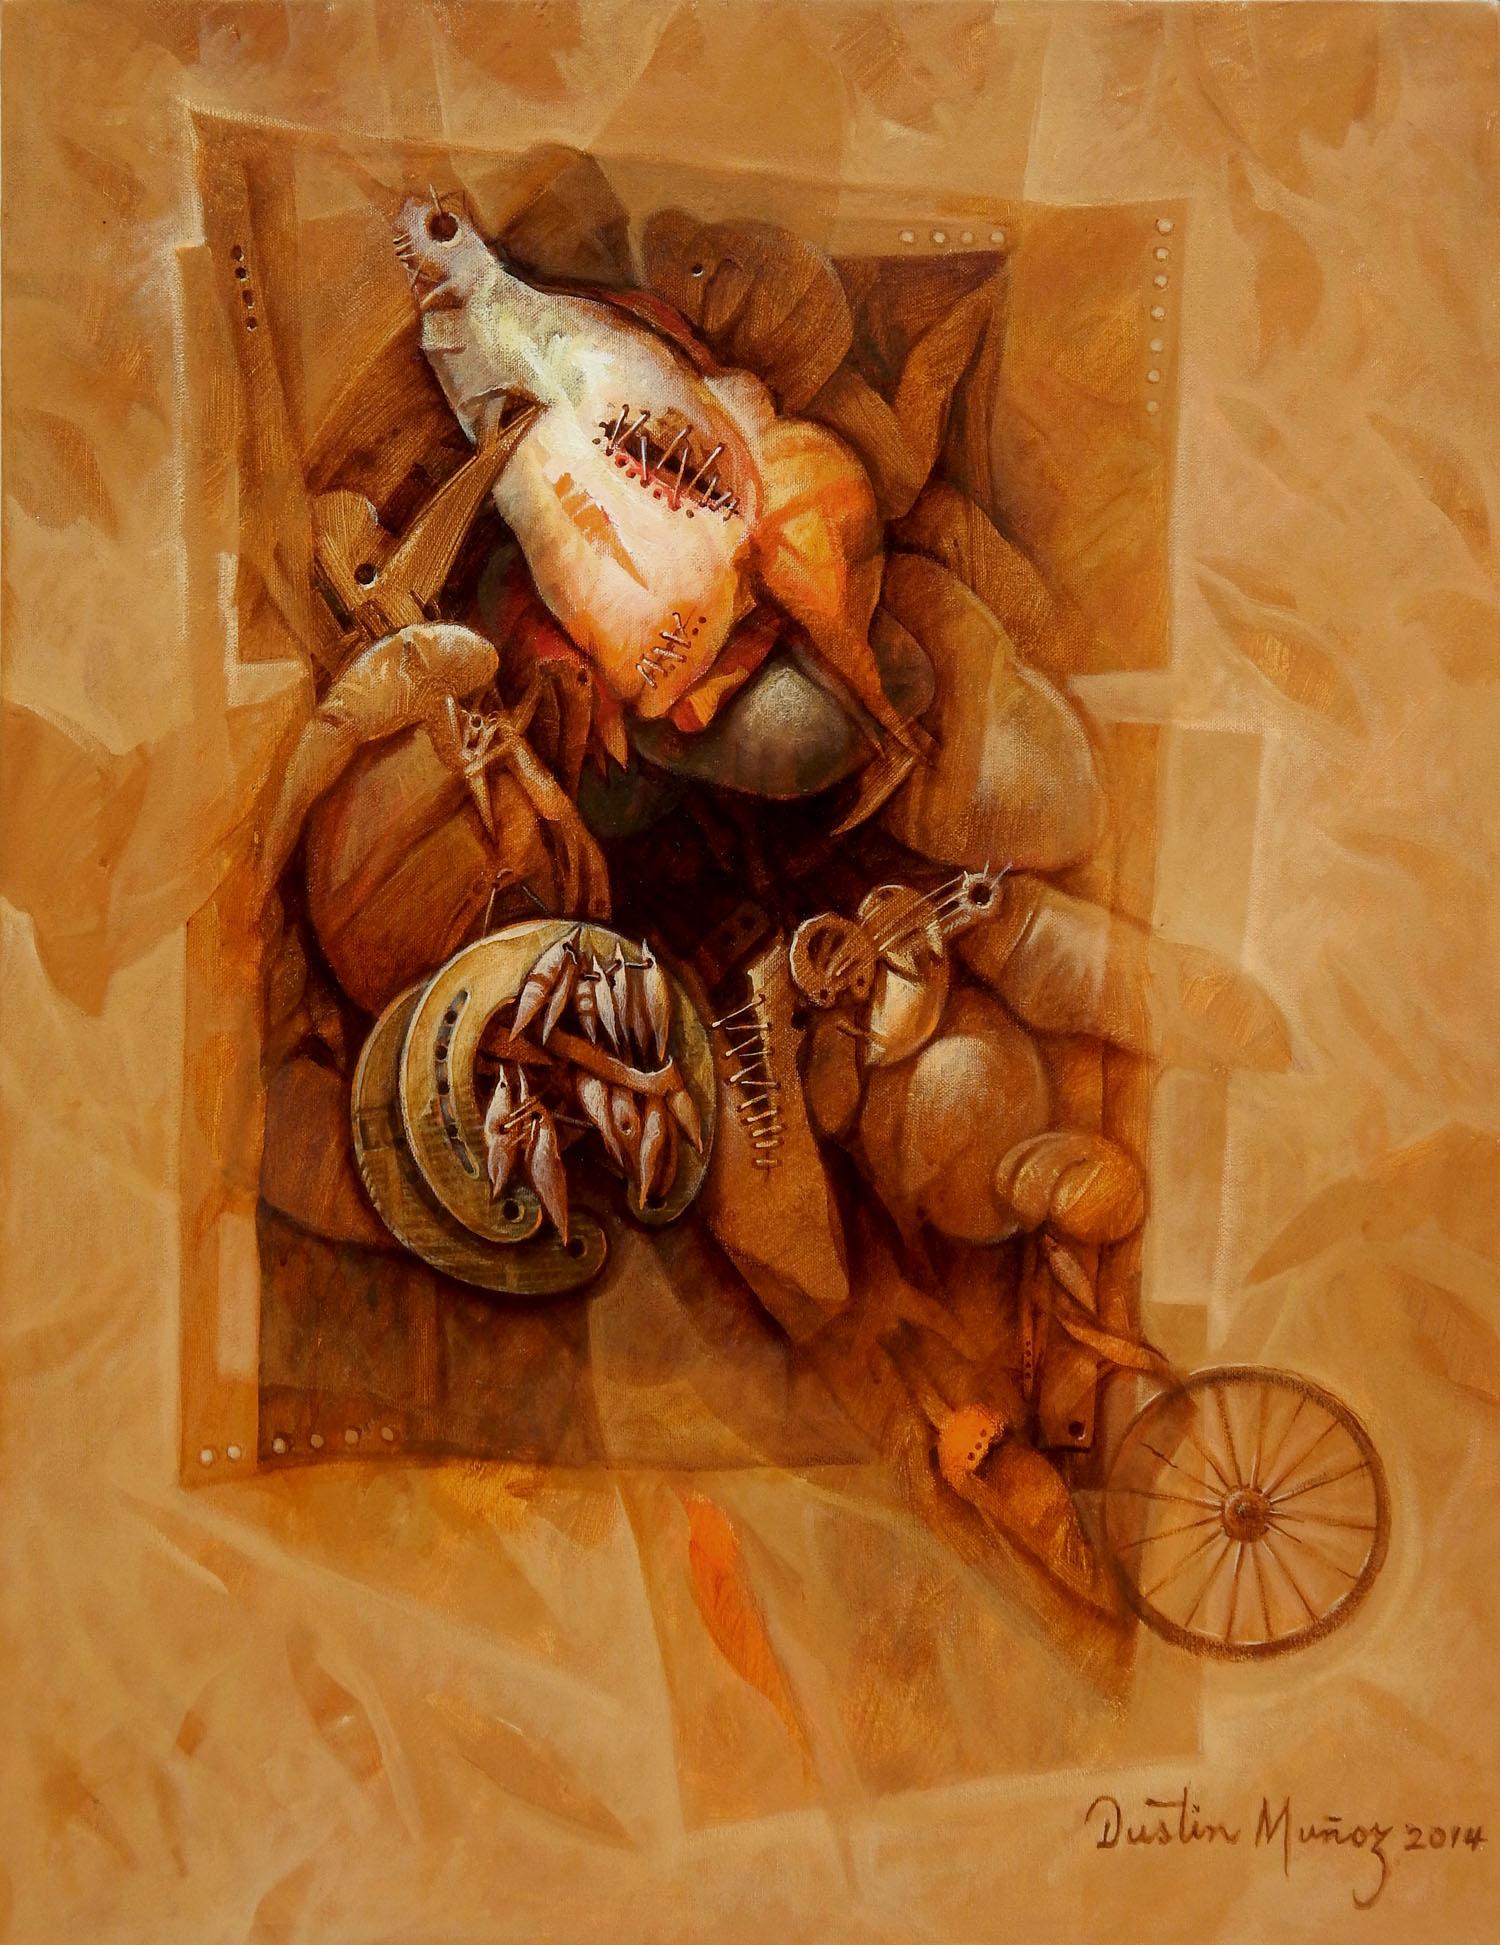 Huellas de un transporte superado, acrílico sobre tela 68 x 53 Cms, Dustin Muñoz, 2014